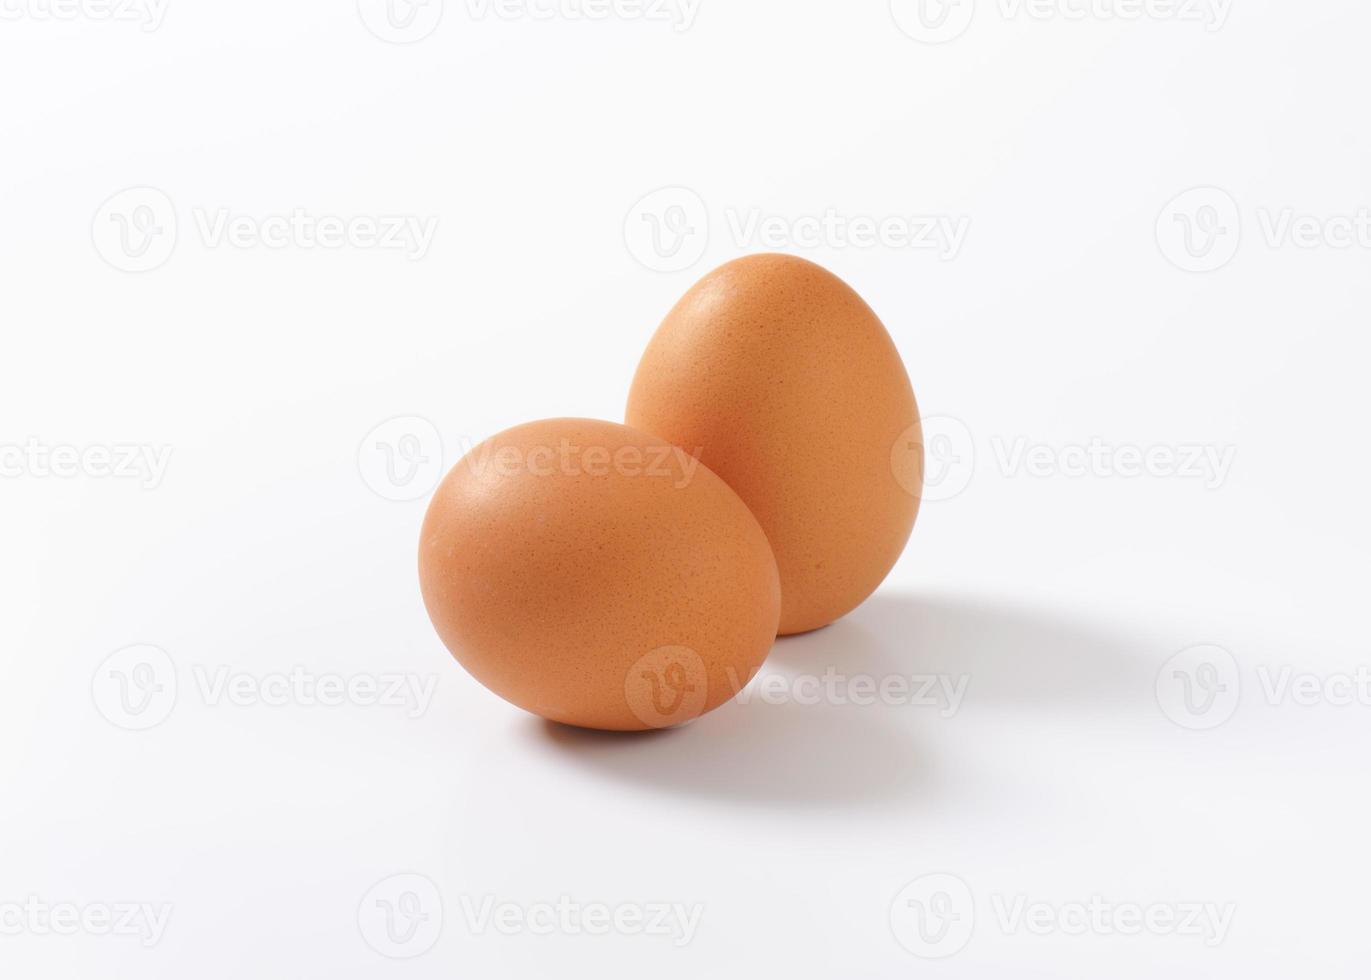 huevos marrones foto